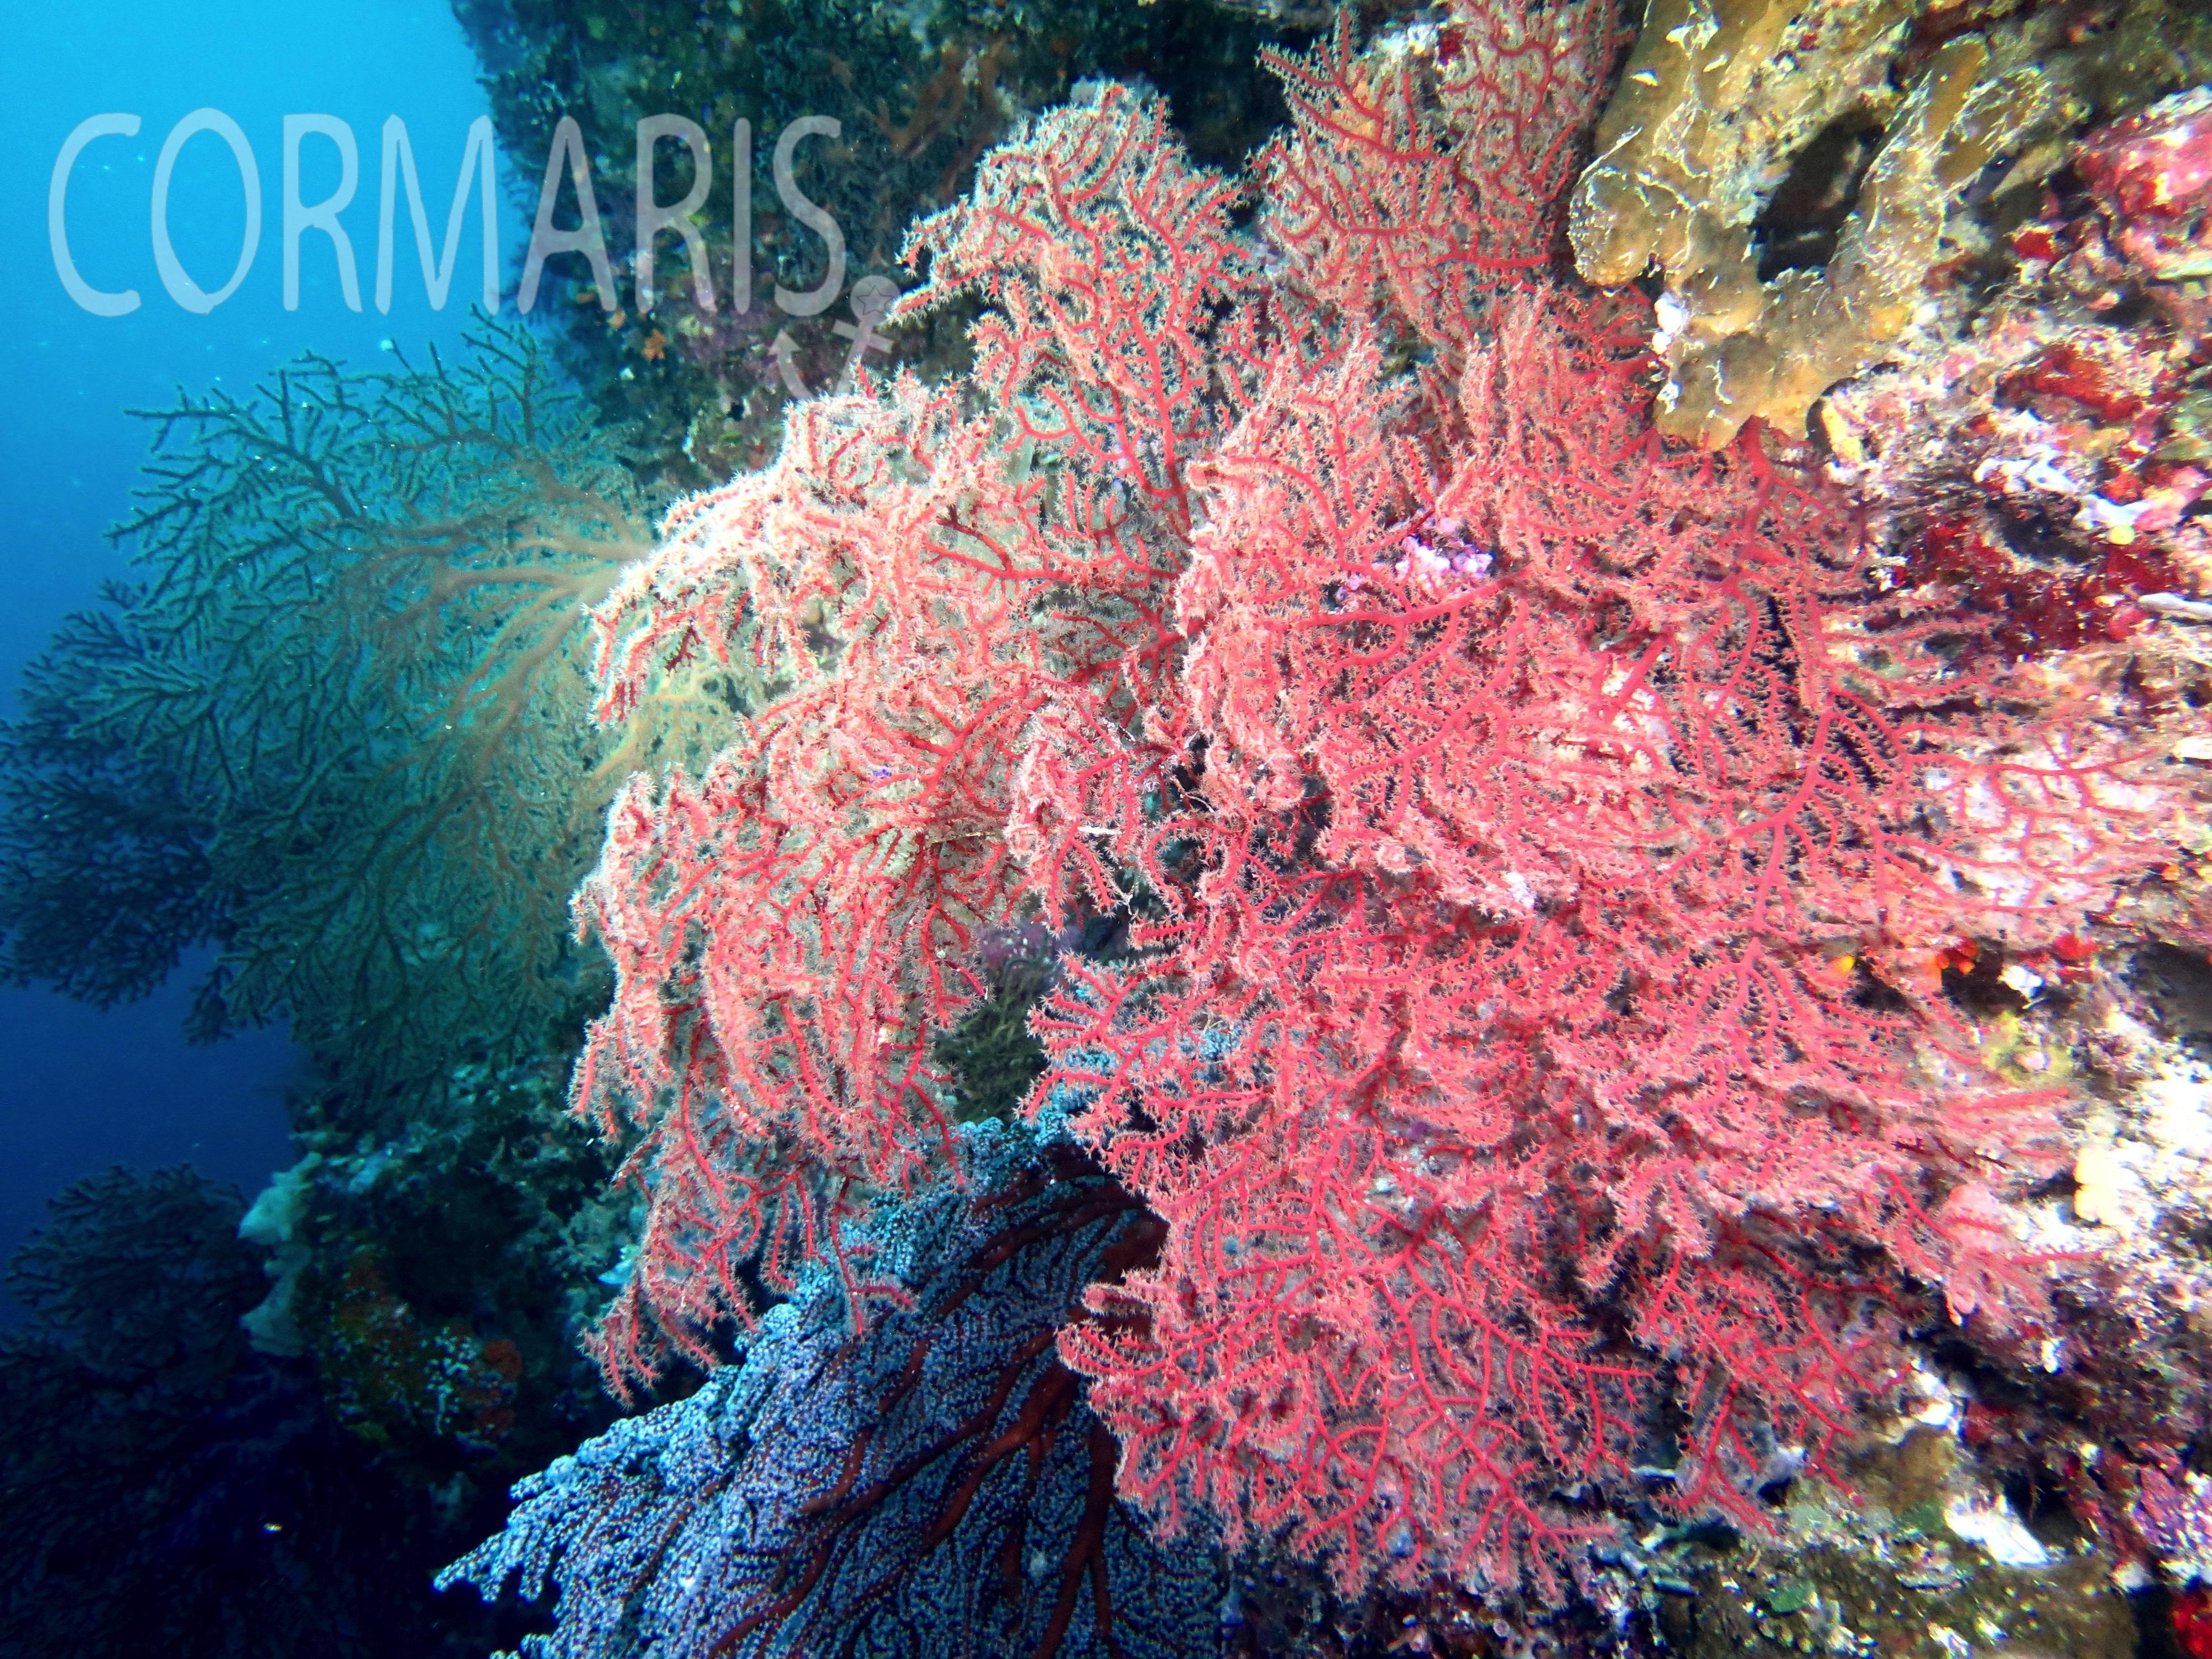 Ein vertikaler Unterwassergarten. Schlecht fotografiert, dafür in echt wunderschön. Foto: cku